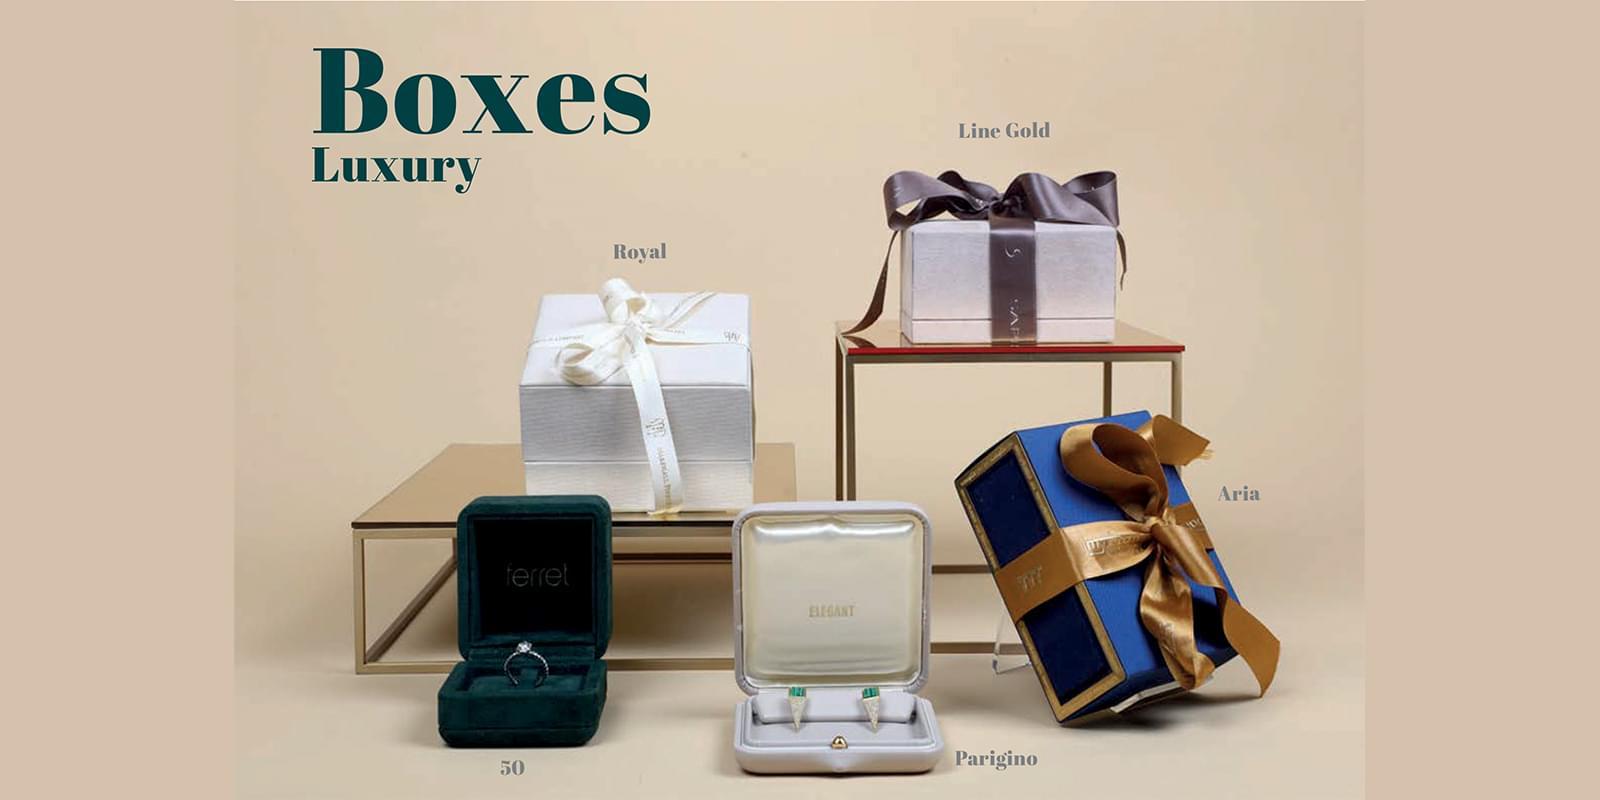 1600x800 boxes luxury